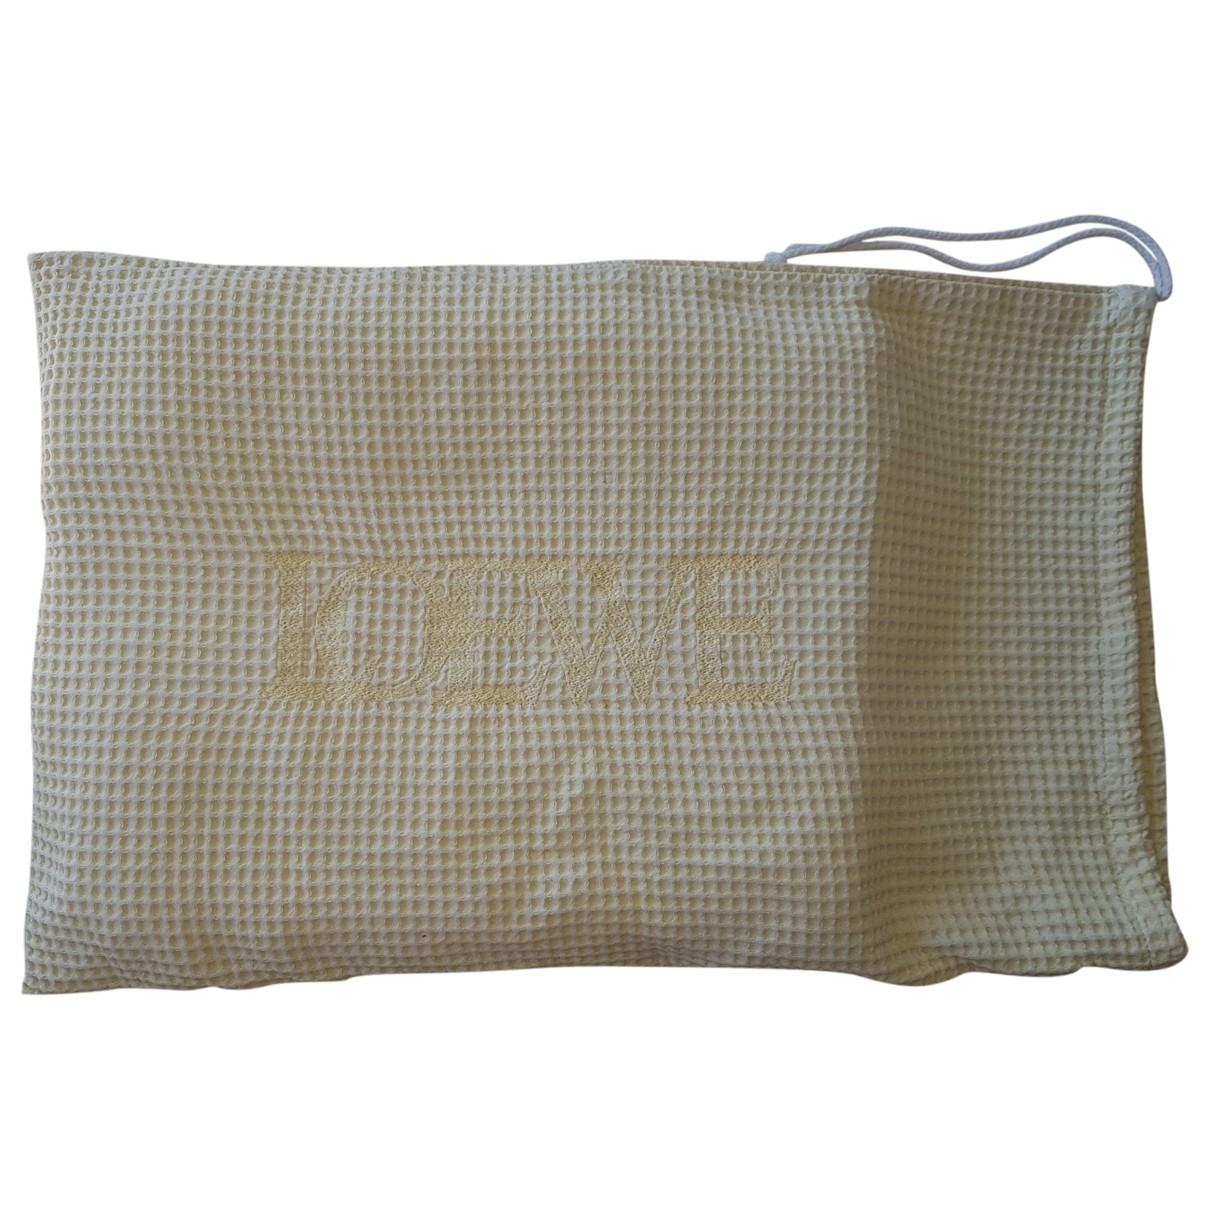 Loewe - Linge de maison   pour lifestyle en coton - jaune